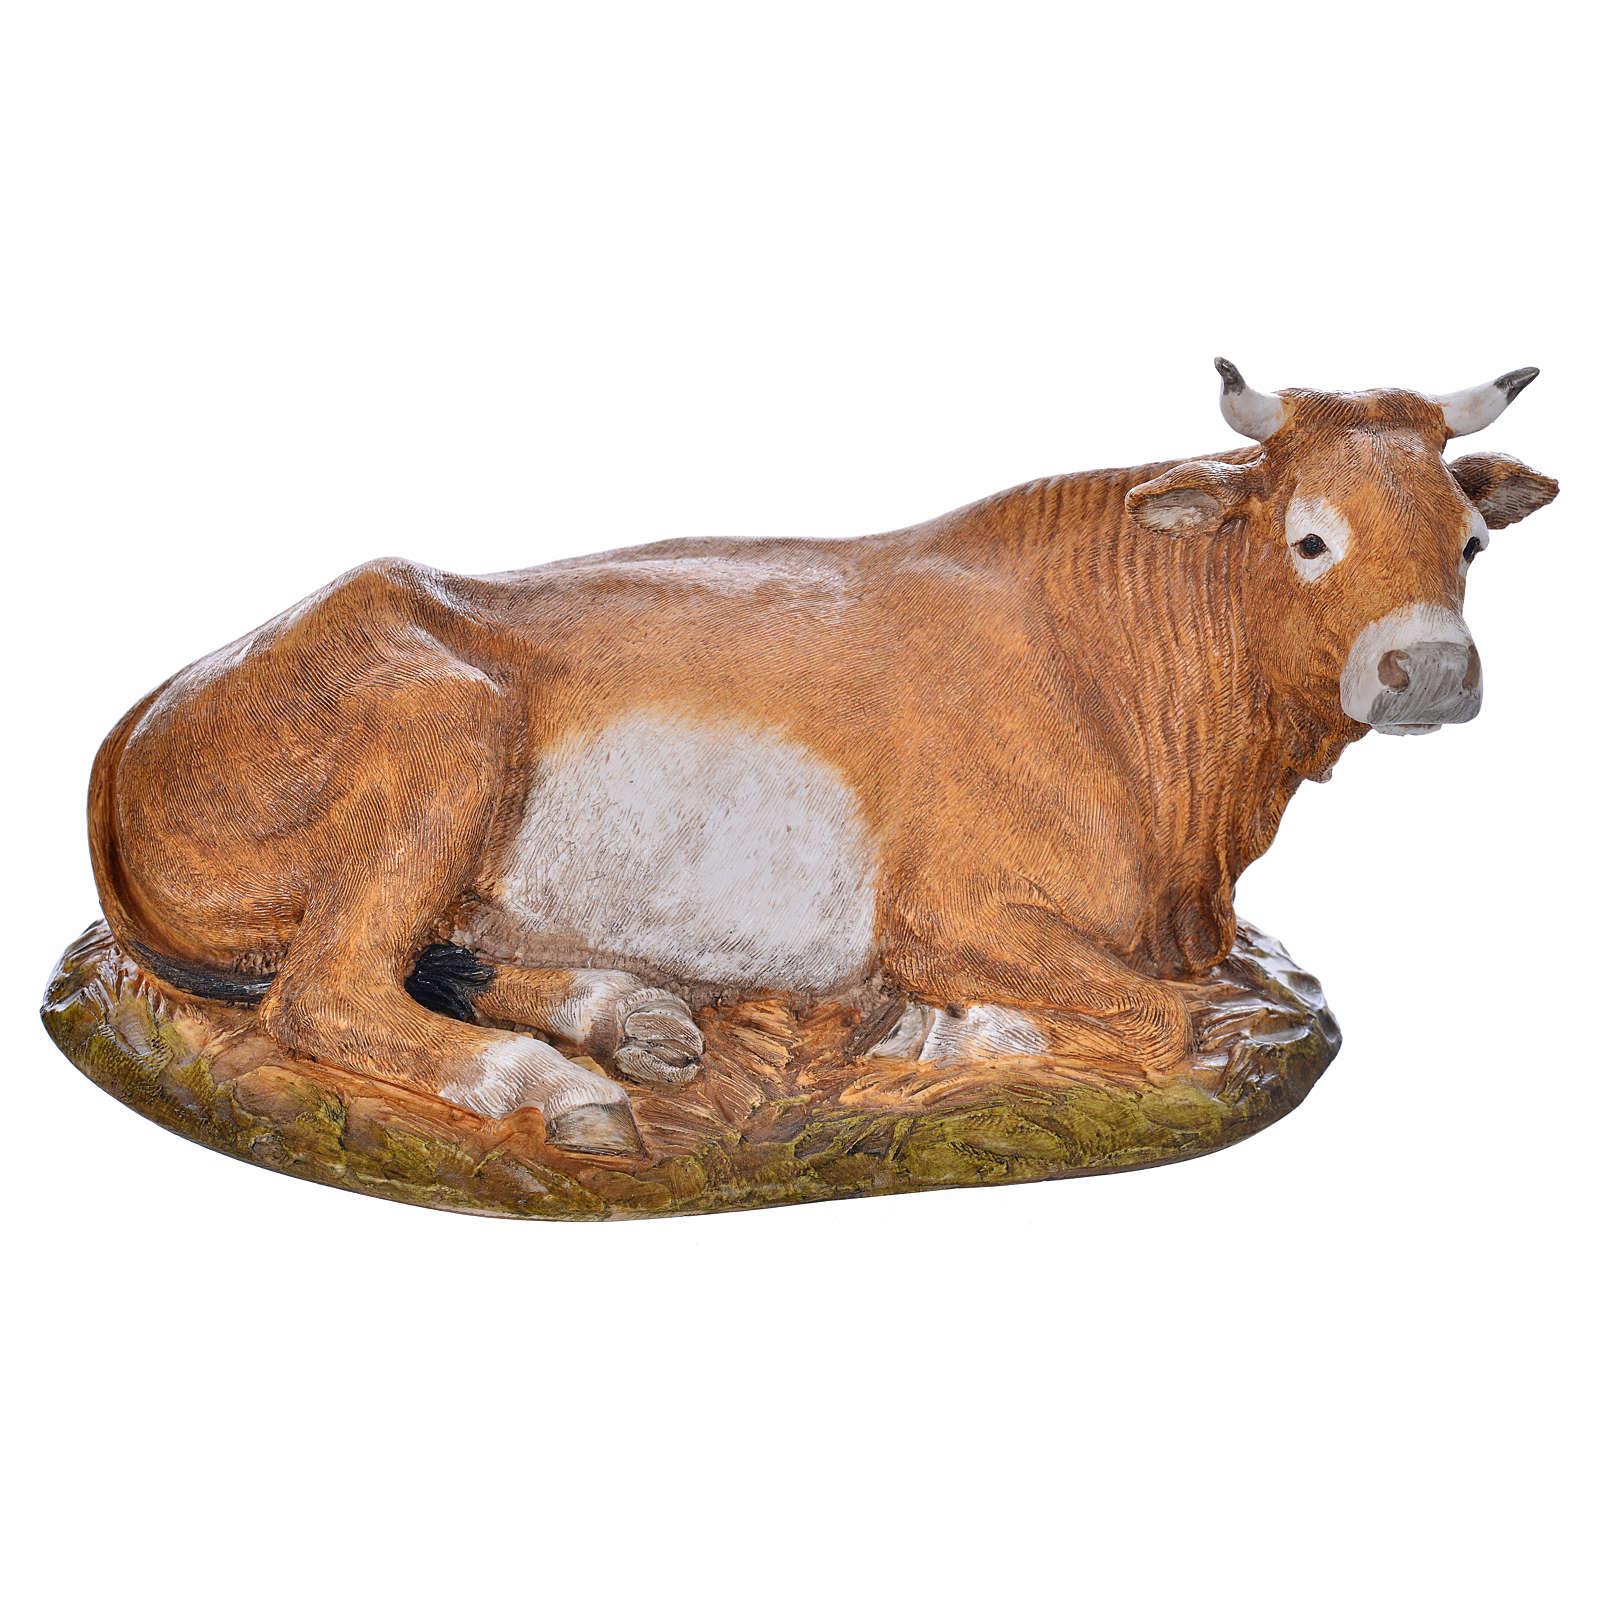 Boeuf crèche de Noel Landi 18 cm | eBay